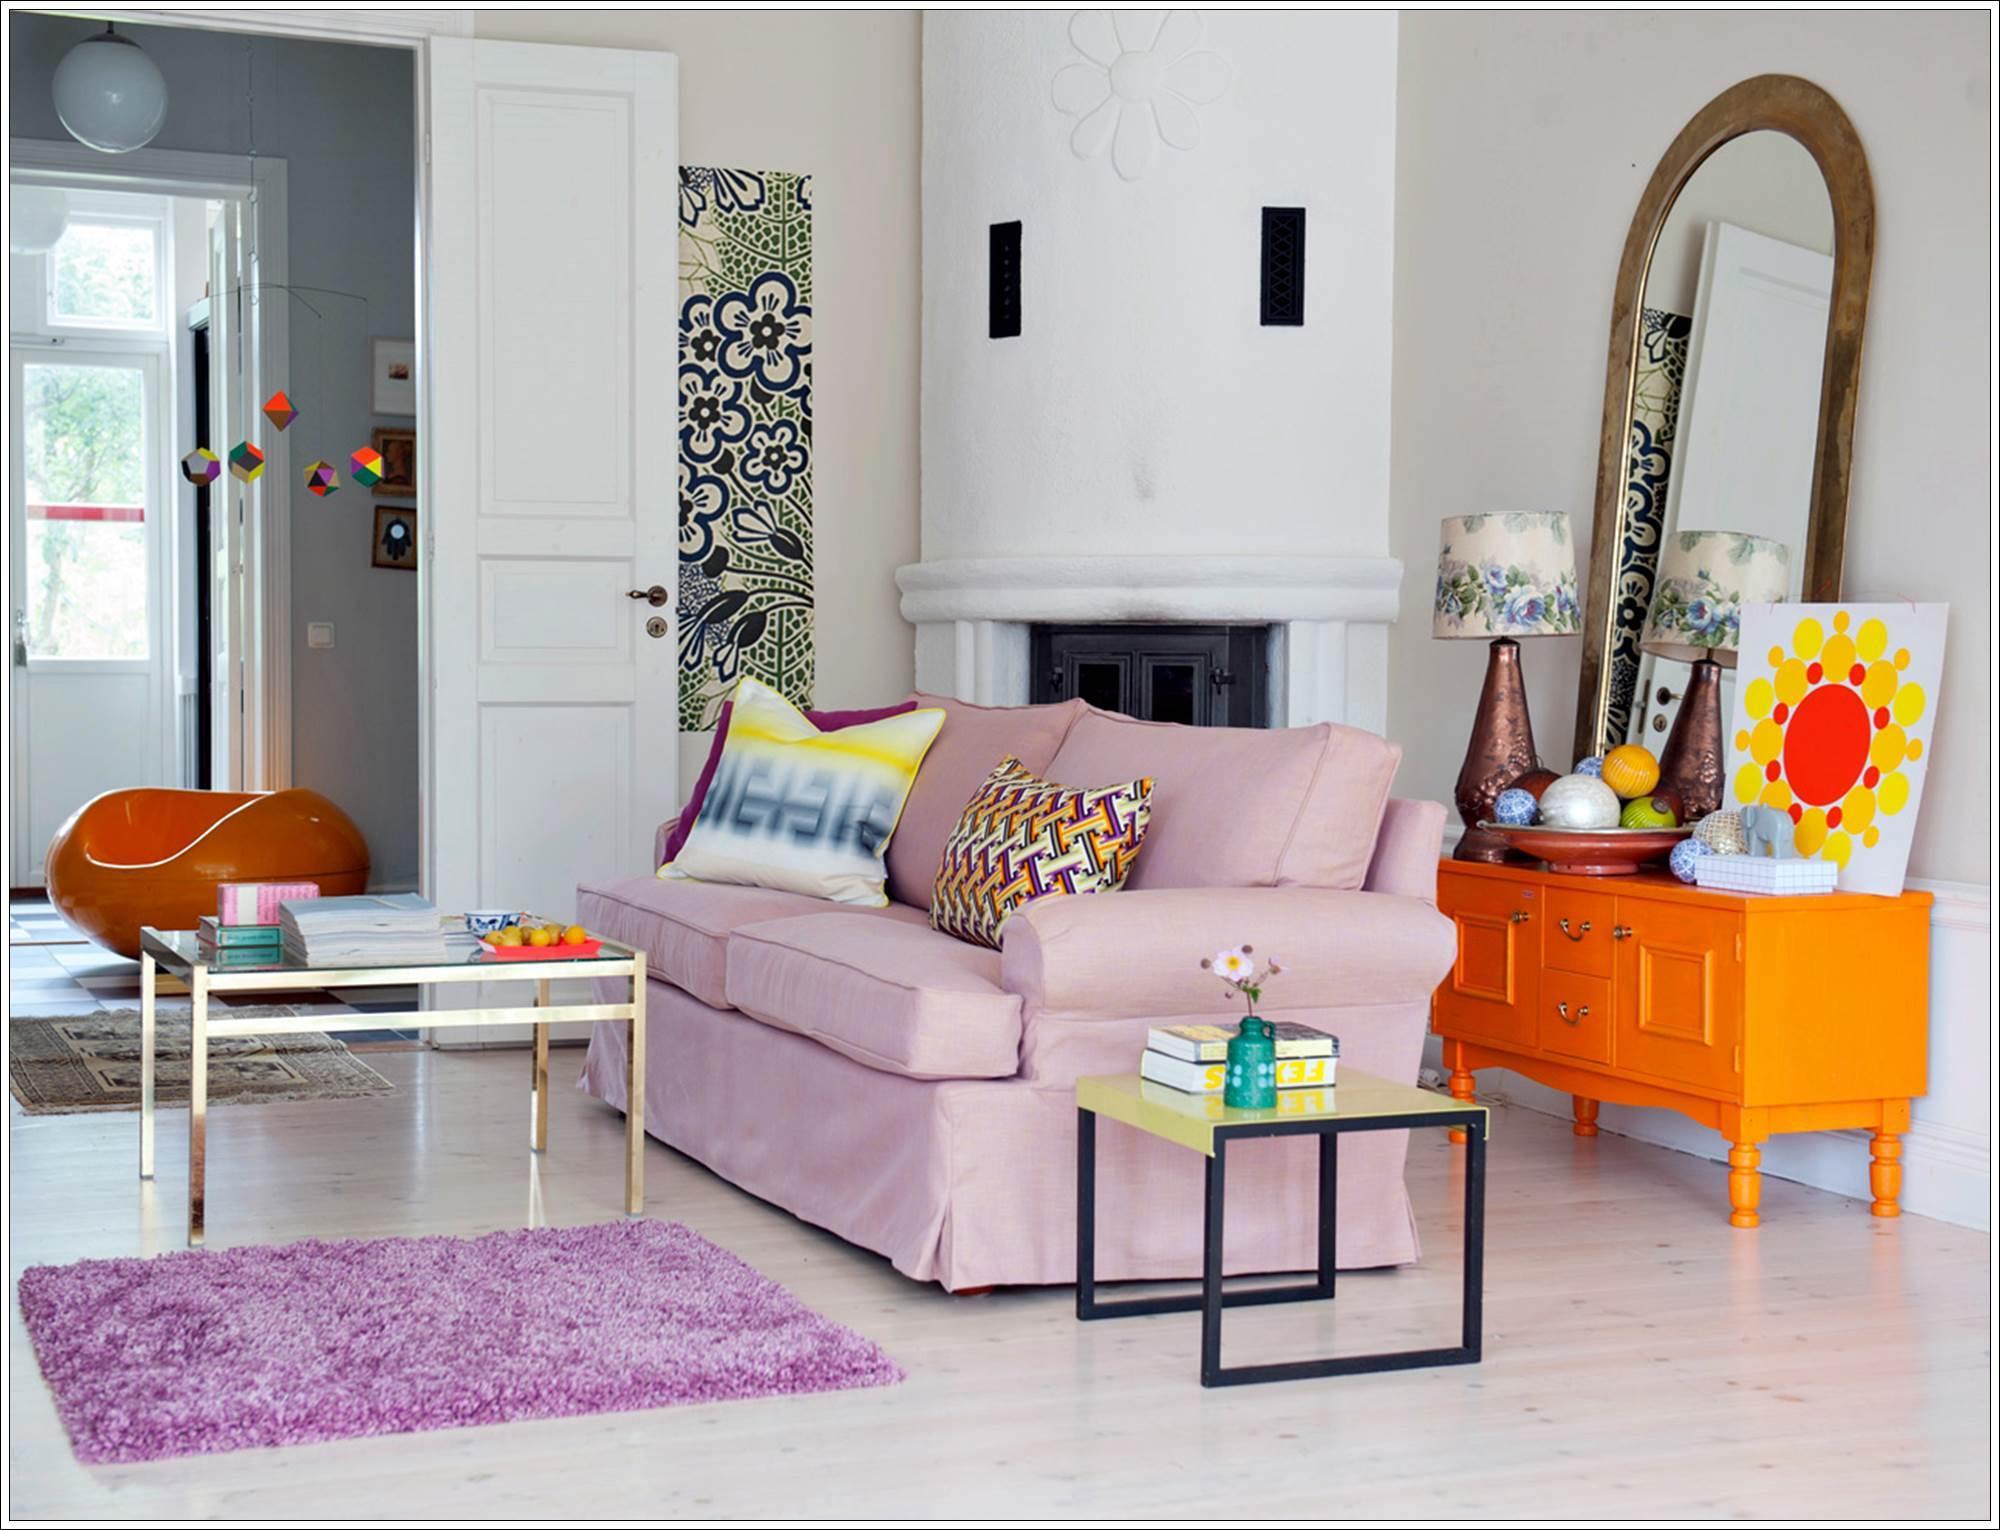 Canapé Ikea Klippan Meilleur De Images Customiser son Canap Canap Velours Ou Places Fixe topim Beautiful